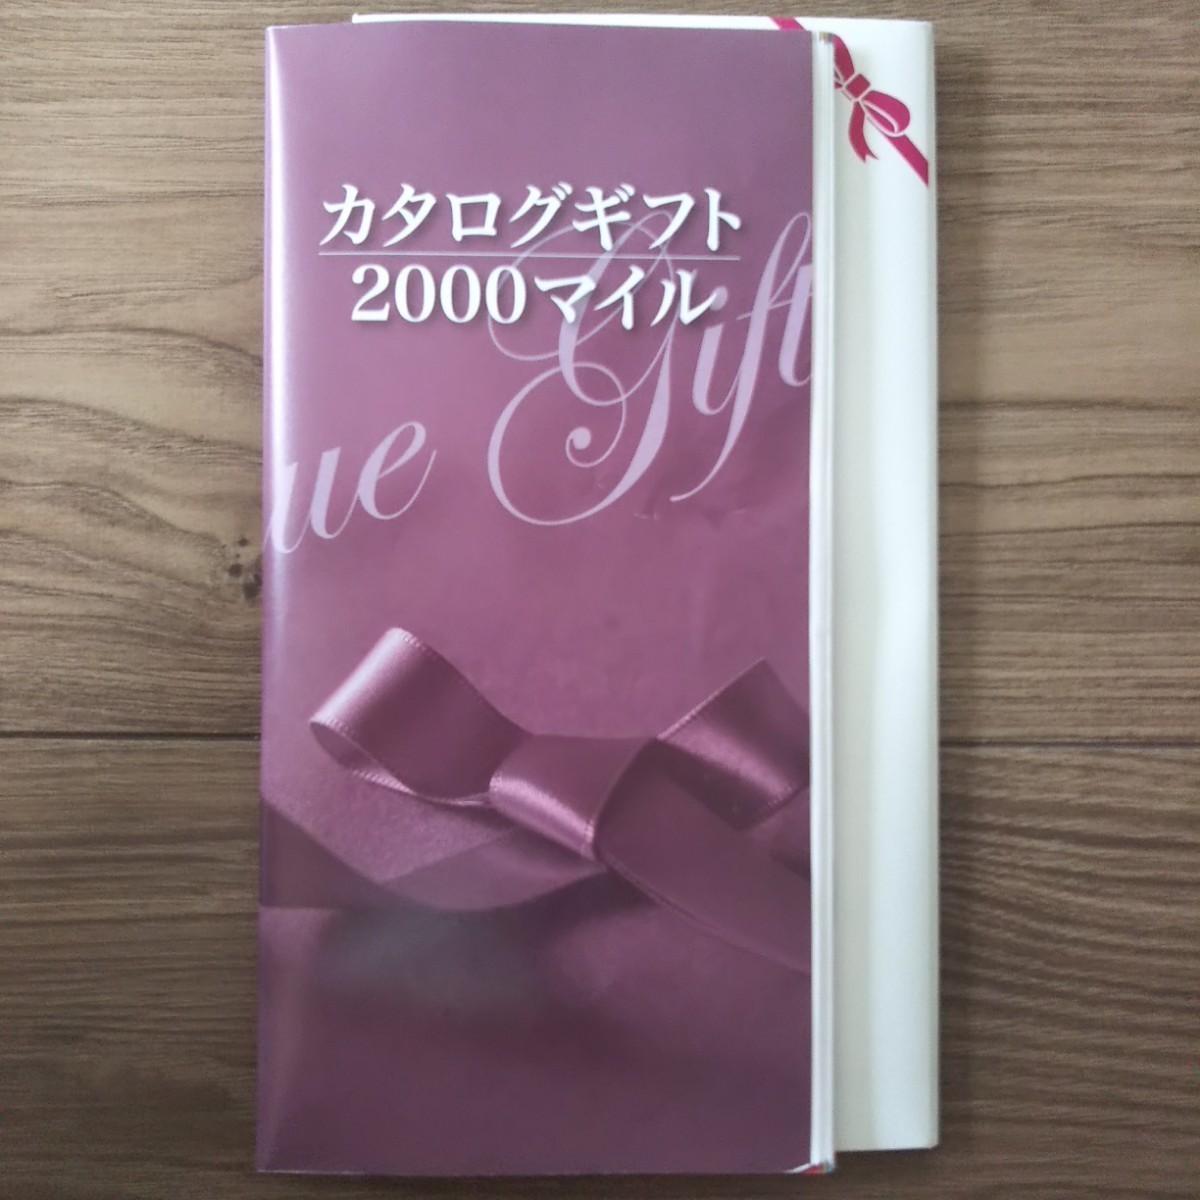 カタログ マイル ニッセイ ギフト 3000